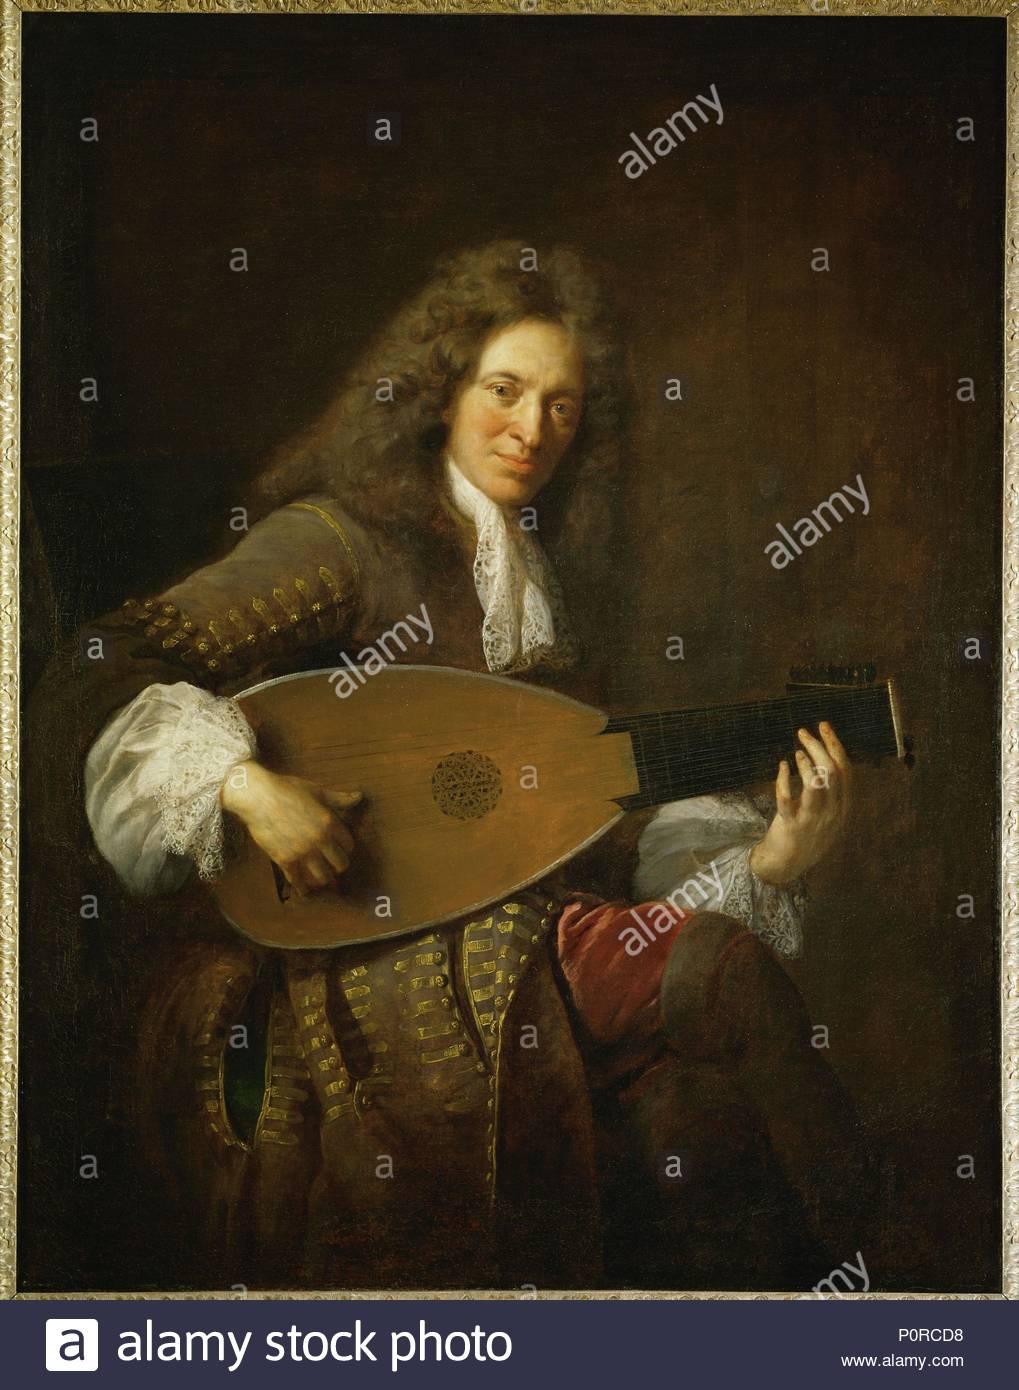 Charles Mouton (1626-1710), lute-player Canvas, 138 x 106 cm R. F. 2469. Author: François de Troy (1645-1730). Location: Louvre, Dpt. des Peintures, Paris, France. - Stock Image